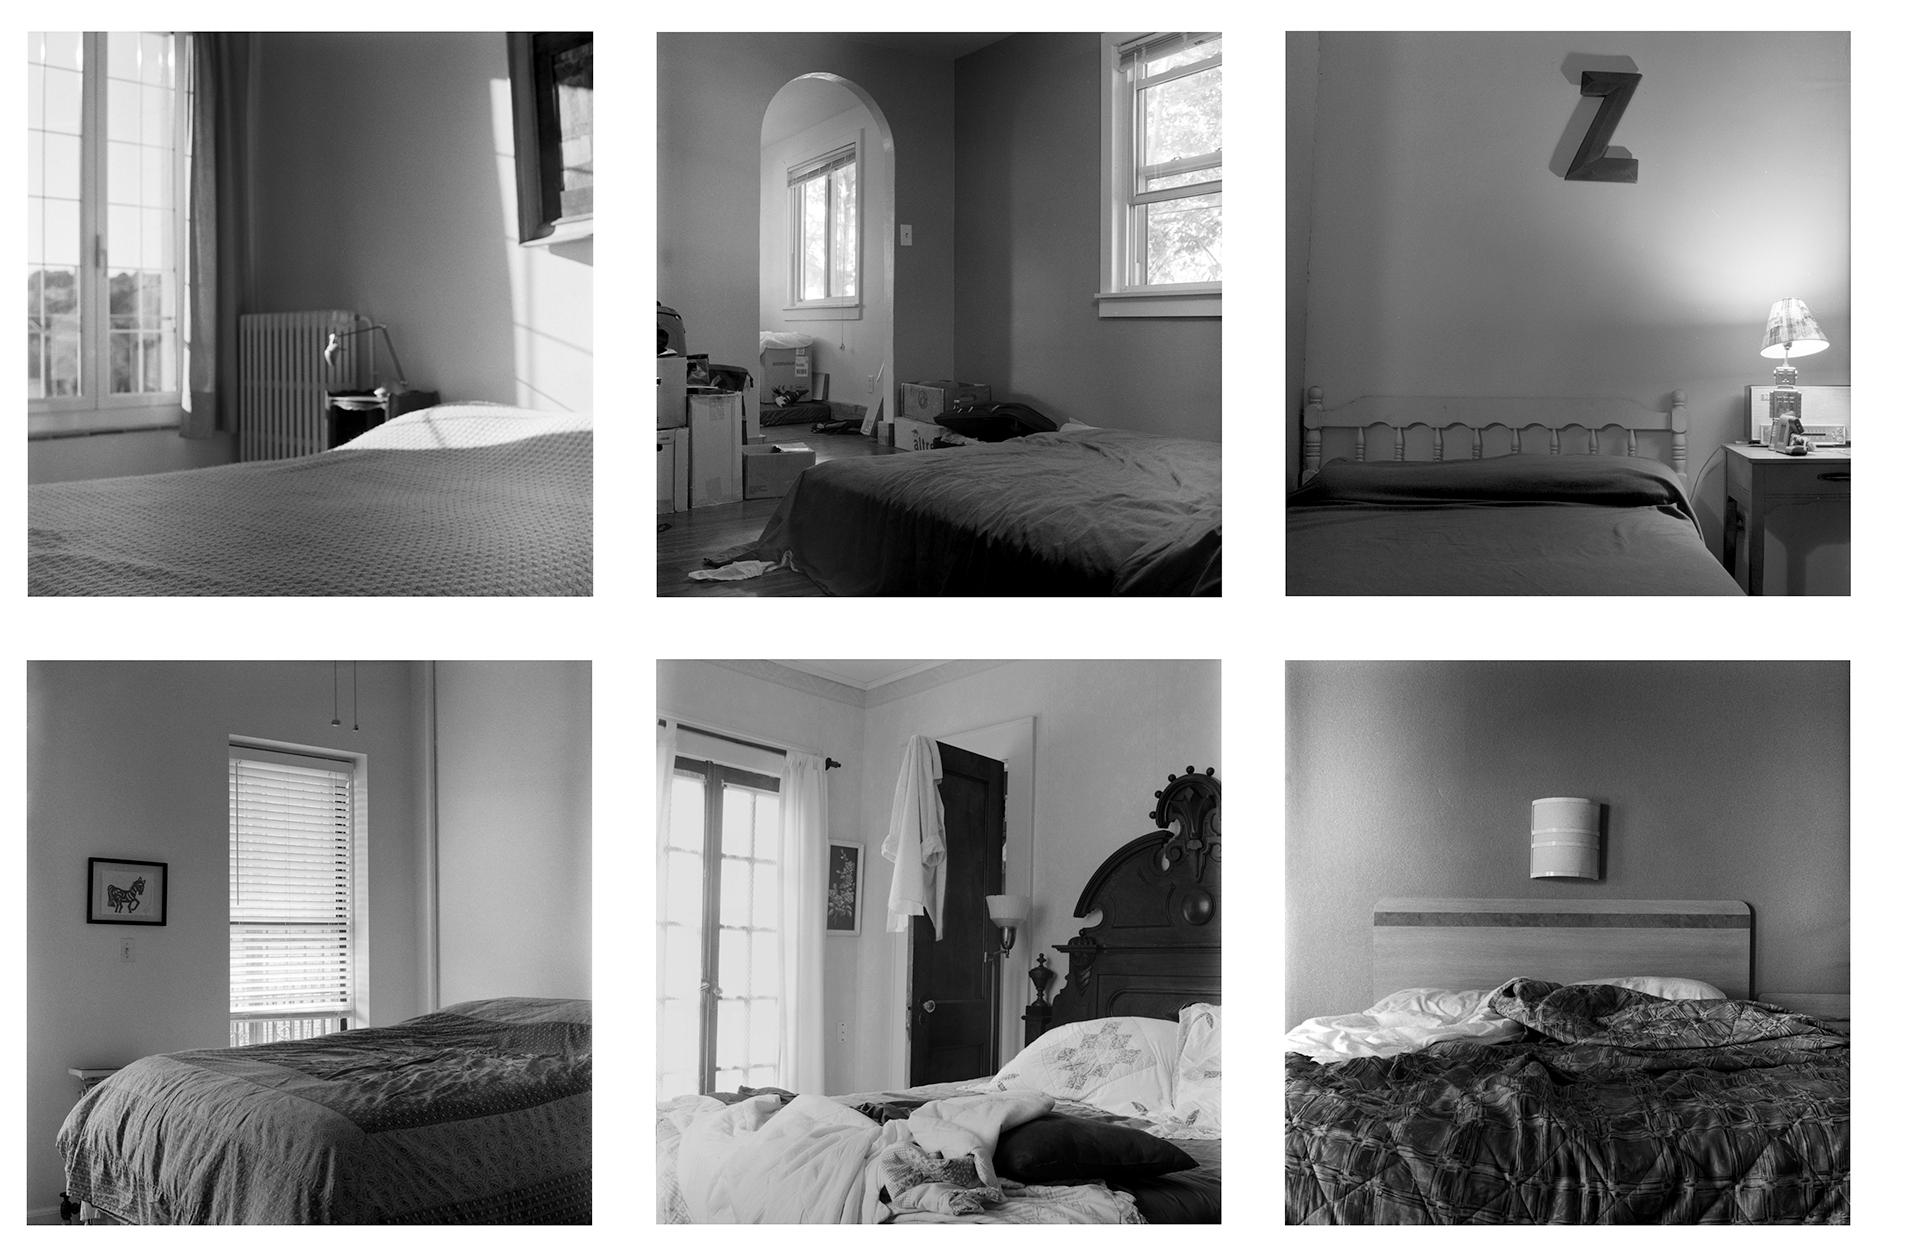 15_Beds 1 copy.jpg